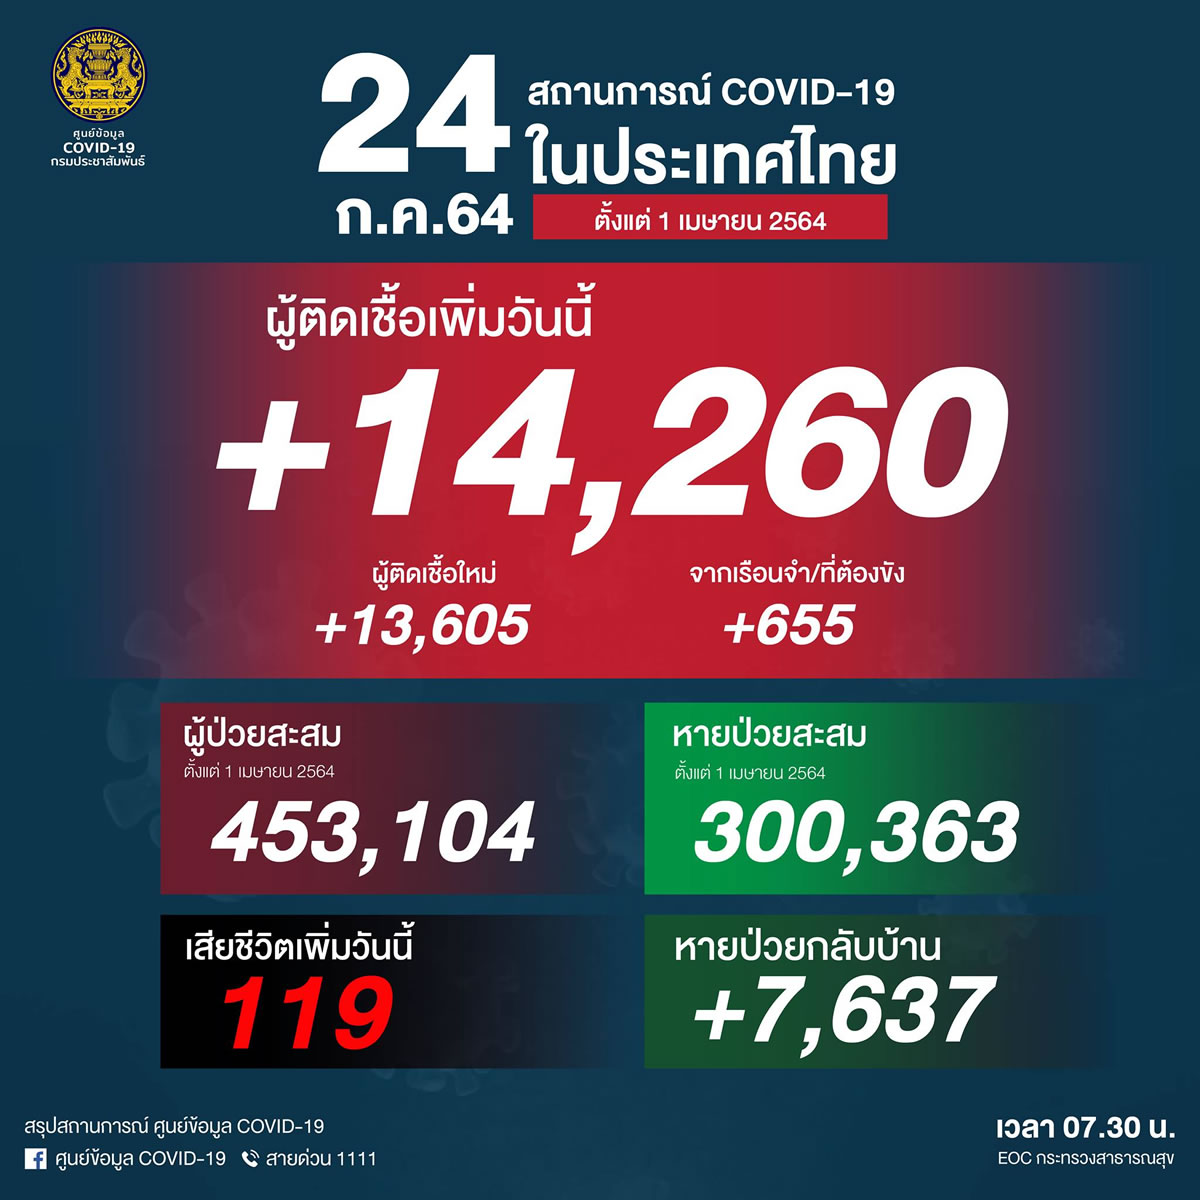 タイ14,260人陽性で連日の最多更新(刑務所655人)、119人死亡[2021/7/24]